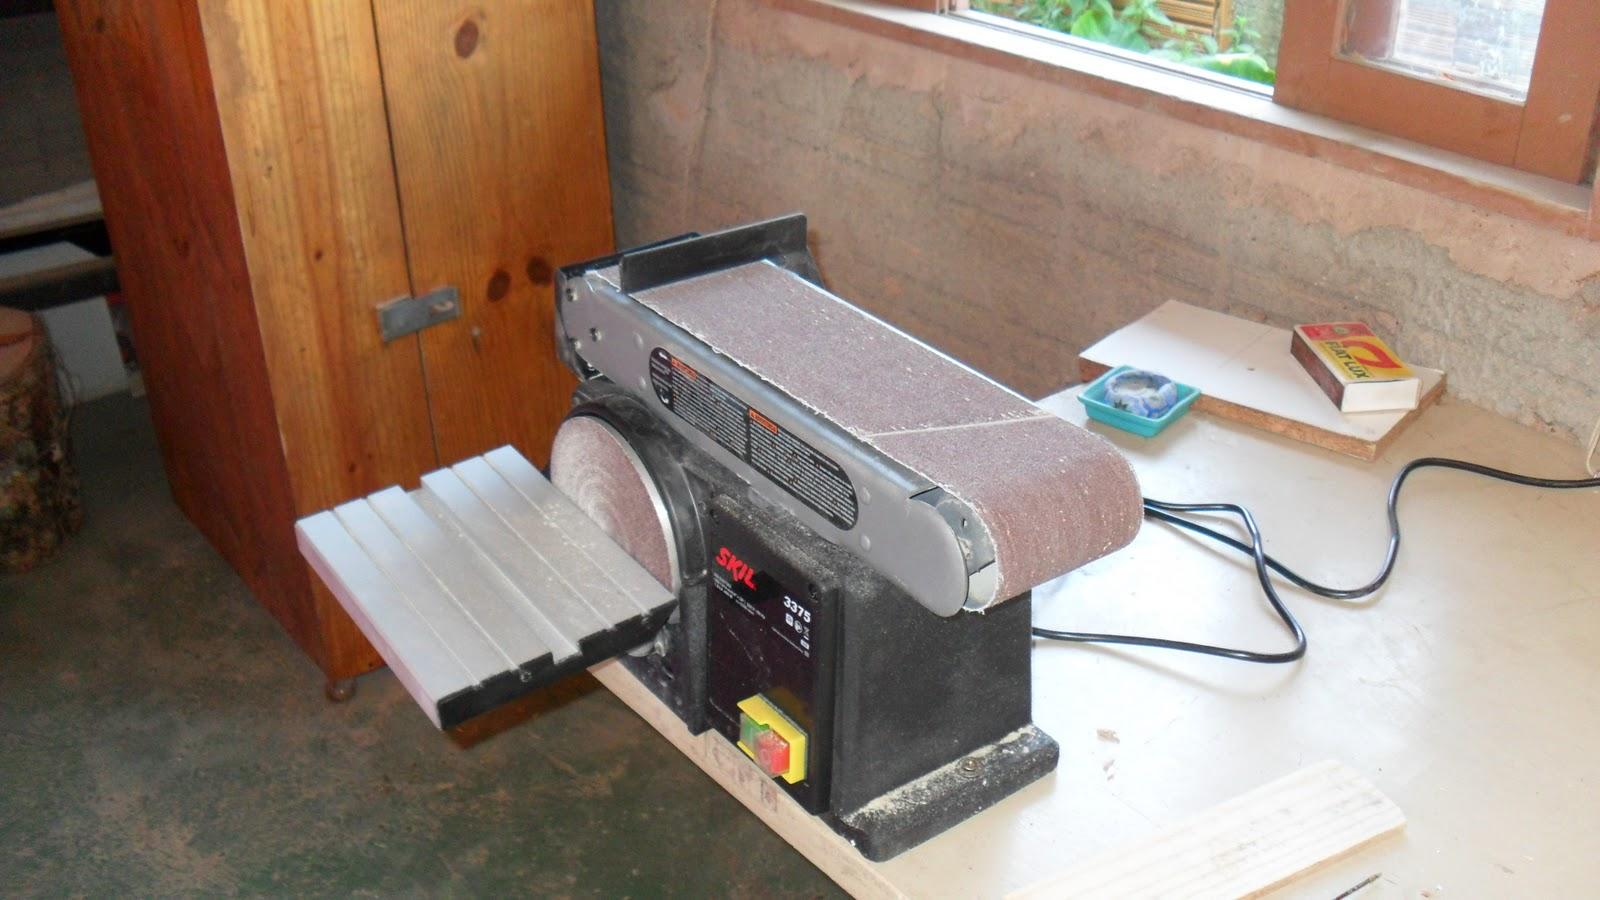 #713B20 ferramentas para marcenaria Car Tuning 1600x900 px ferramentas para marcenaria artesanal @ bernauer.info Móveis Antigos Novos E Usados Online